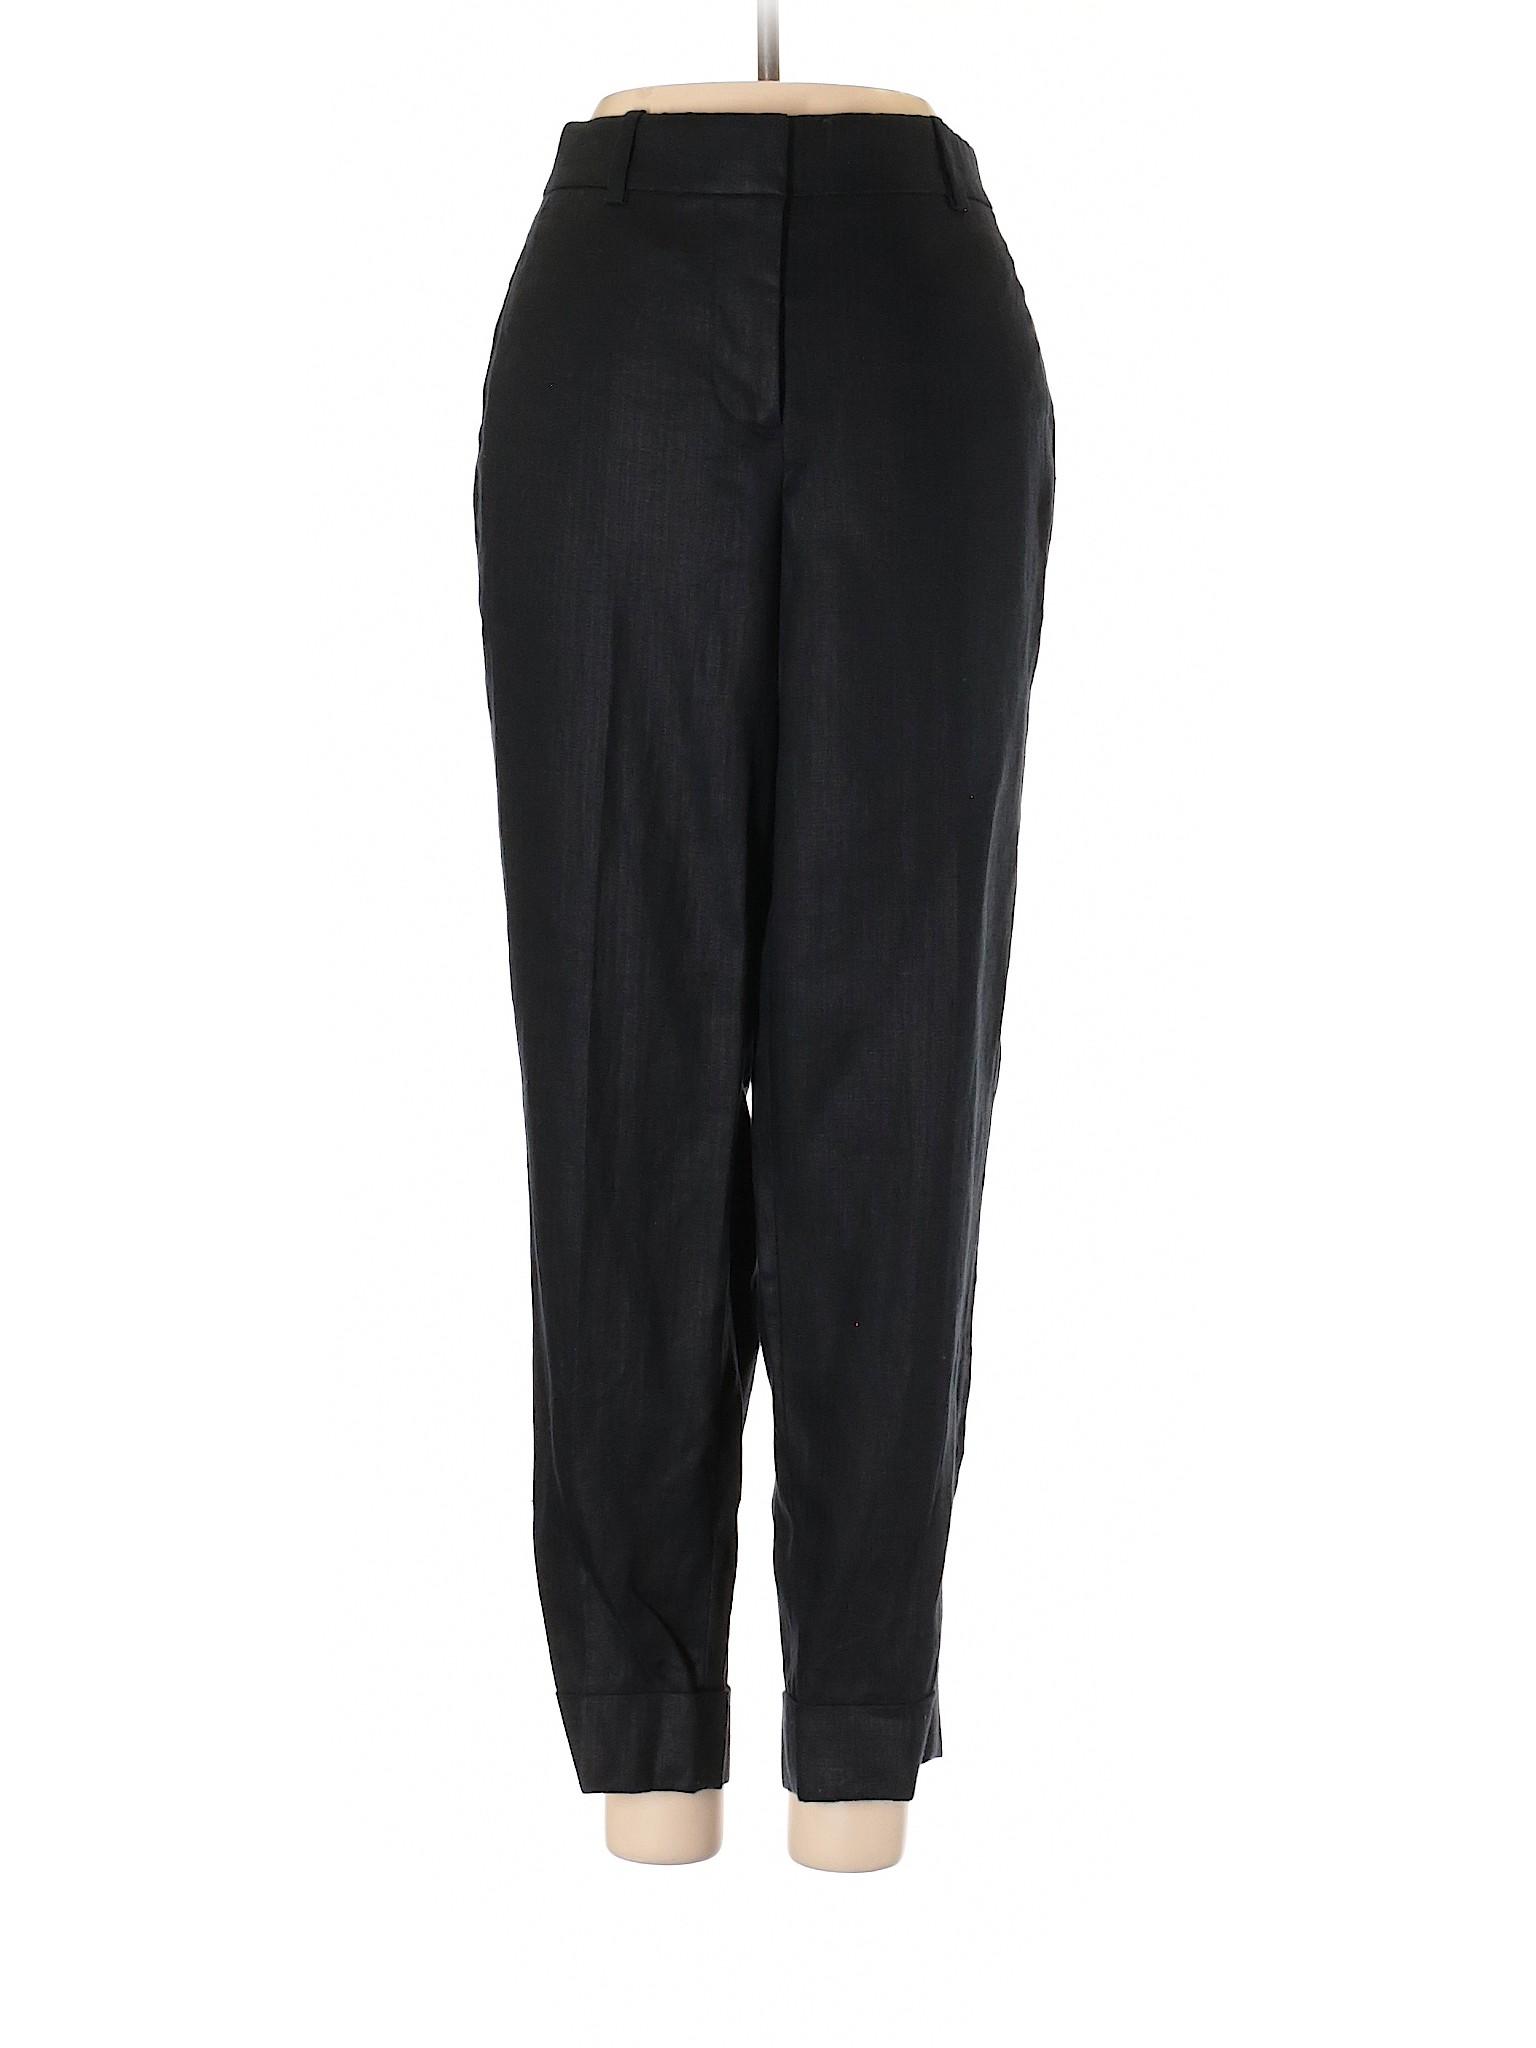 Boutique Linen J leisure Pants Crew px7rC6p